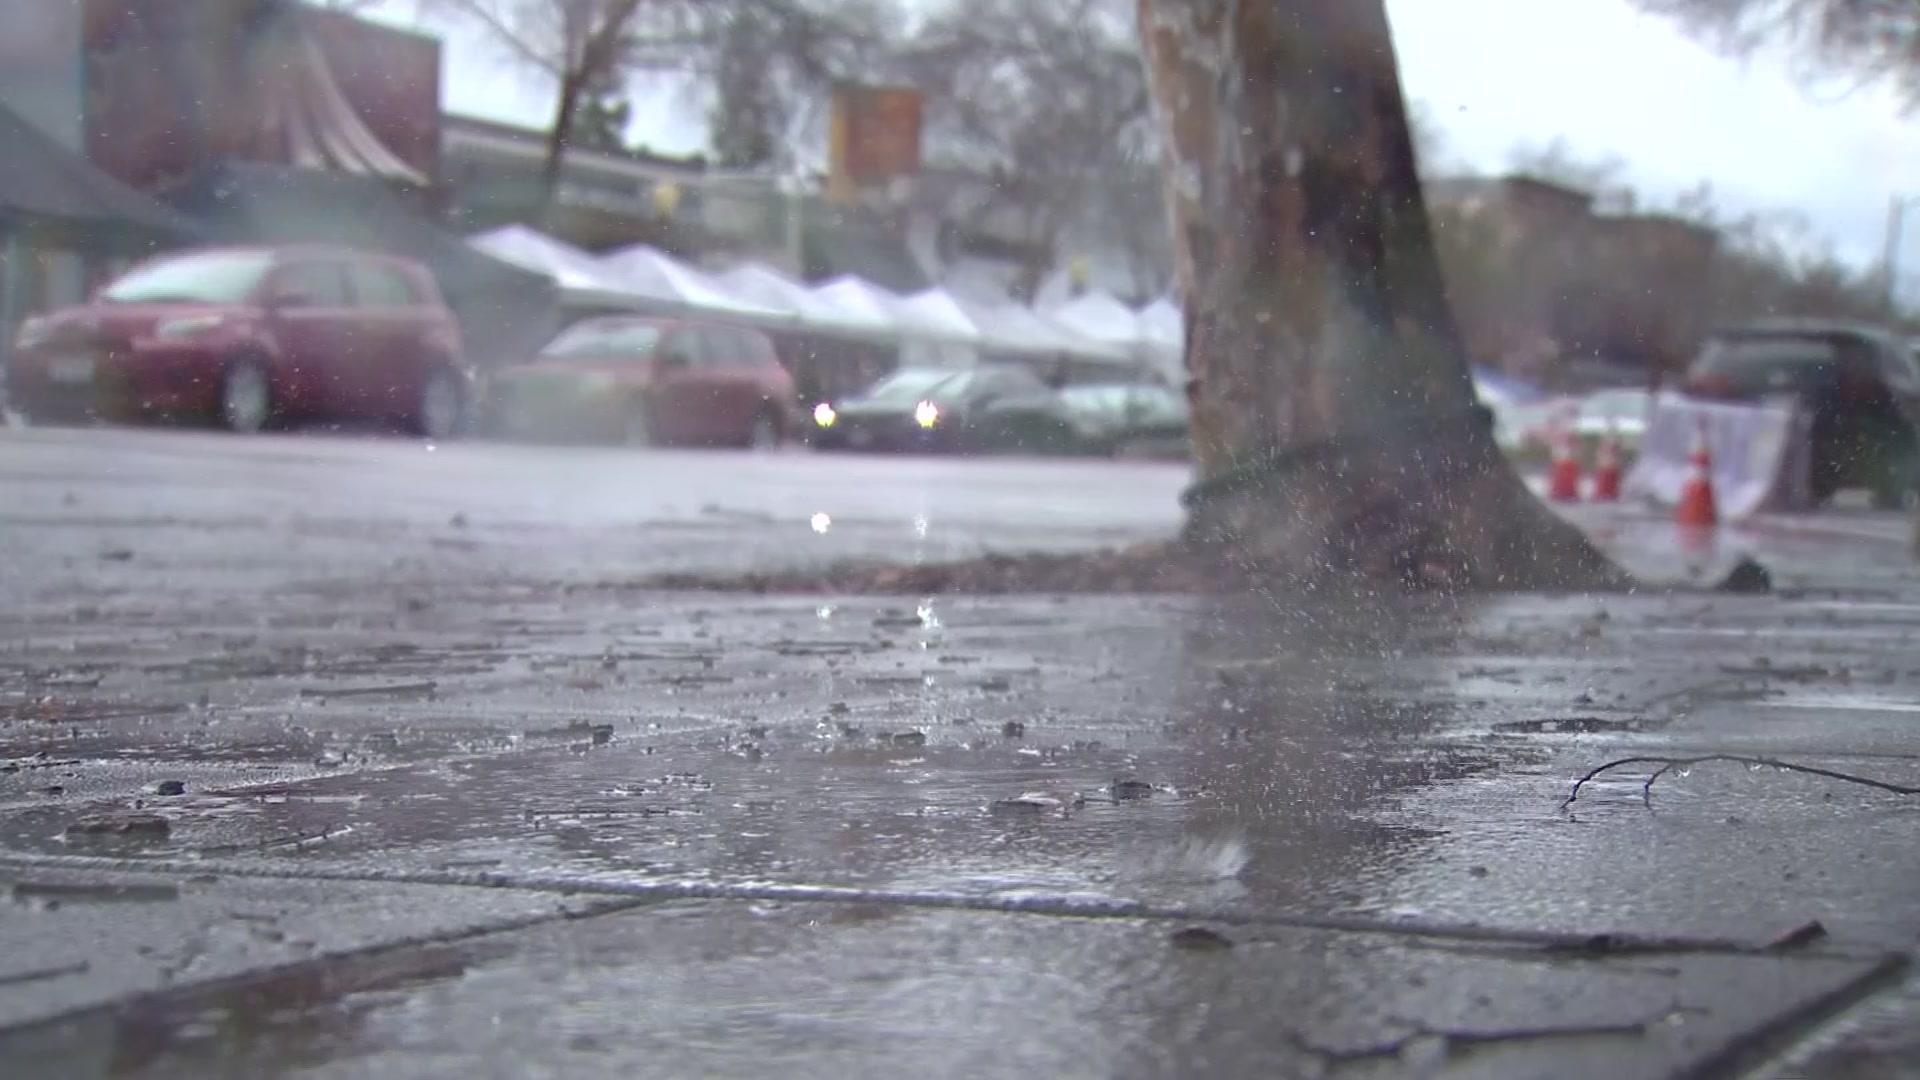 PRIMERA ALERTA: Aguaceros traen advertencia de inundaciones